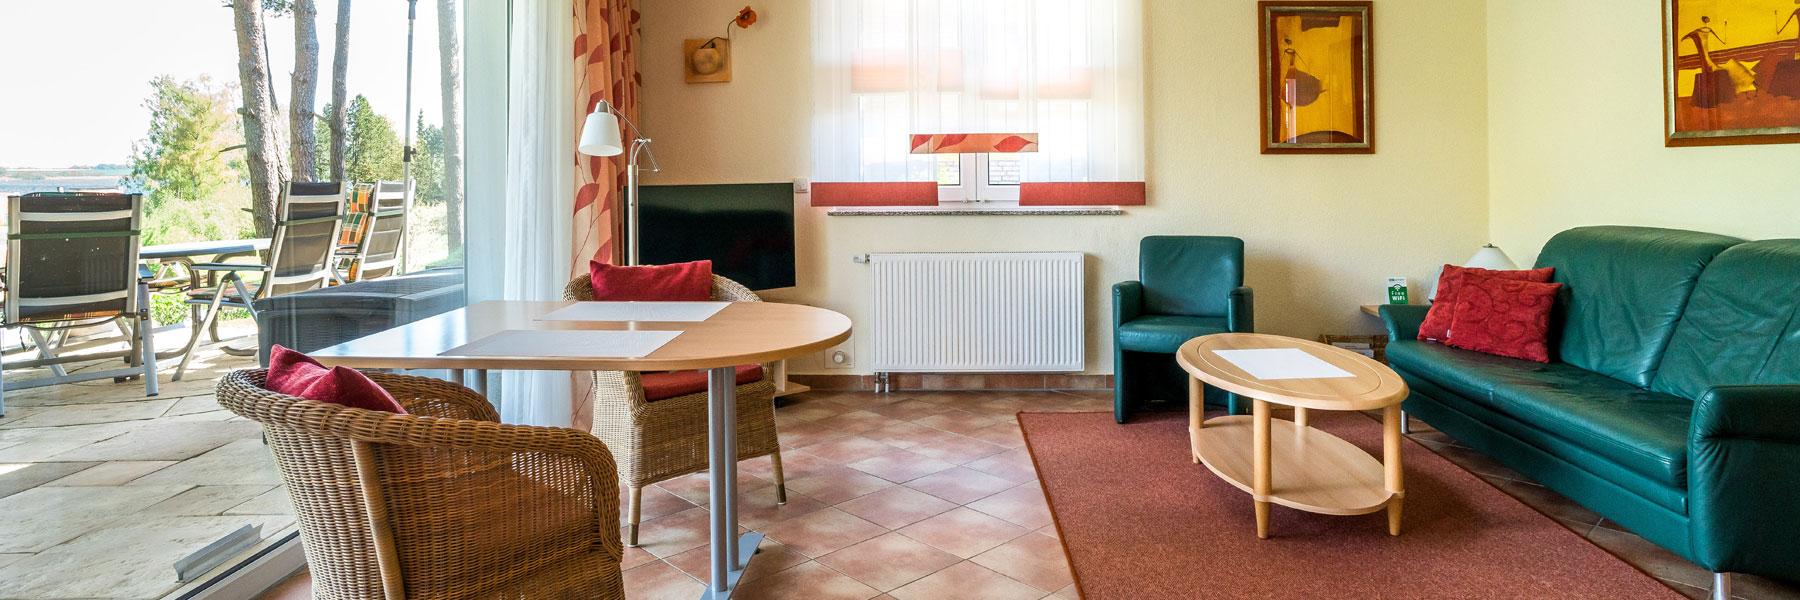 Wohnzimmer - Ferienhaus Kranichruf